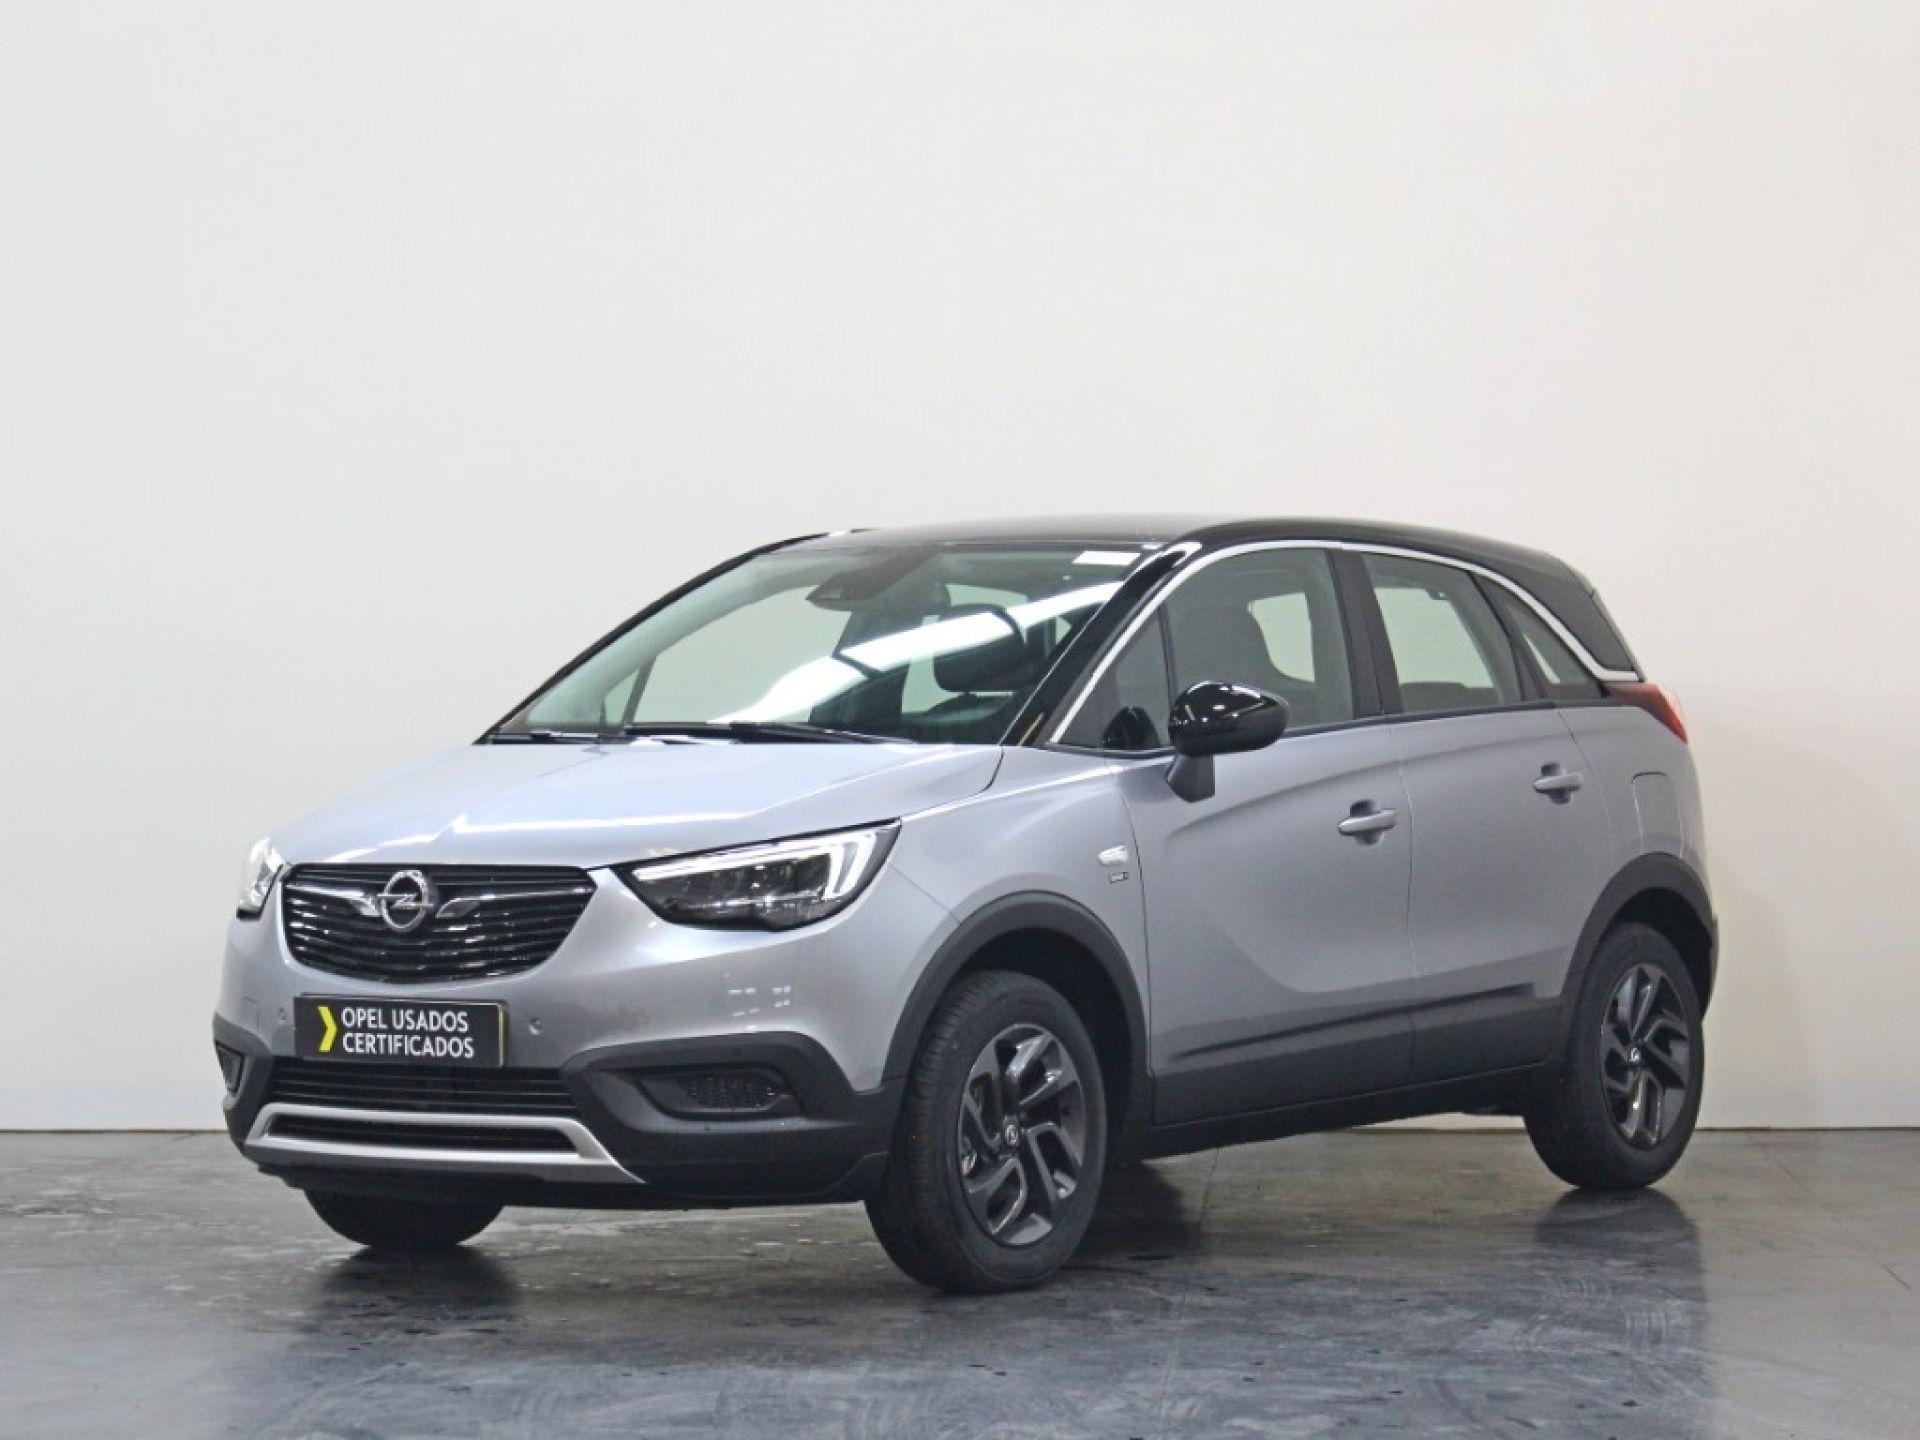 Opel Crossland X 1.2T 110cv S/S 2020 segunda mão Porto